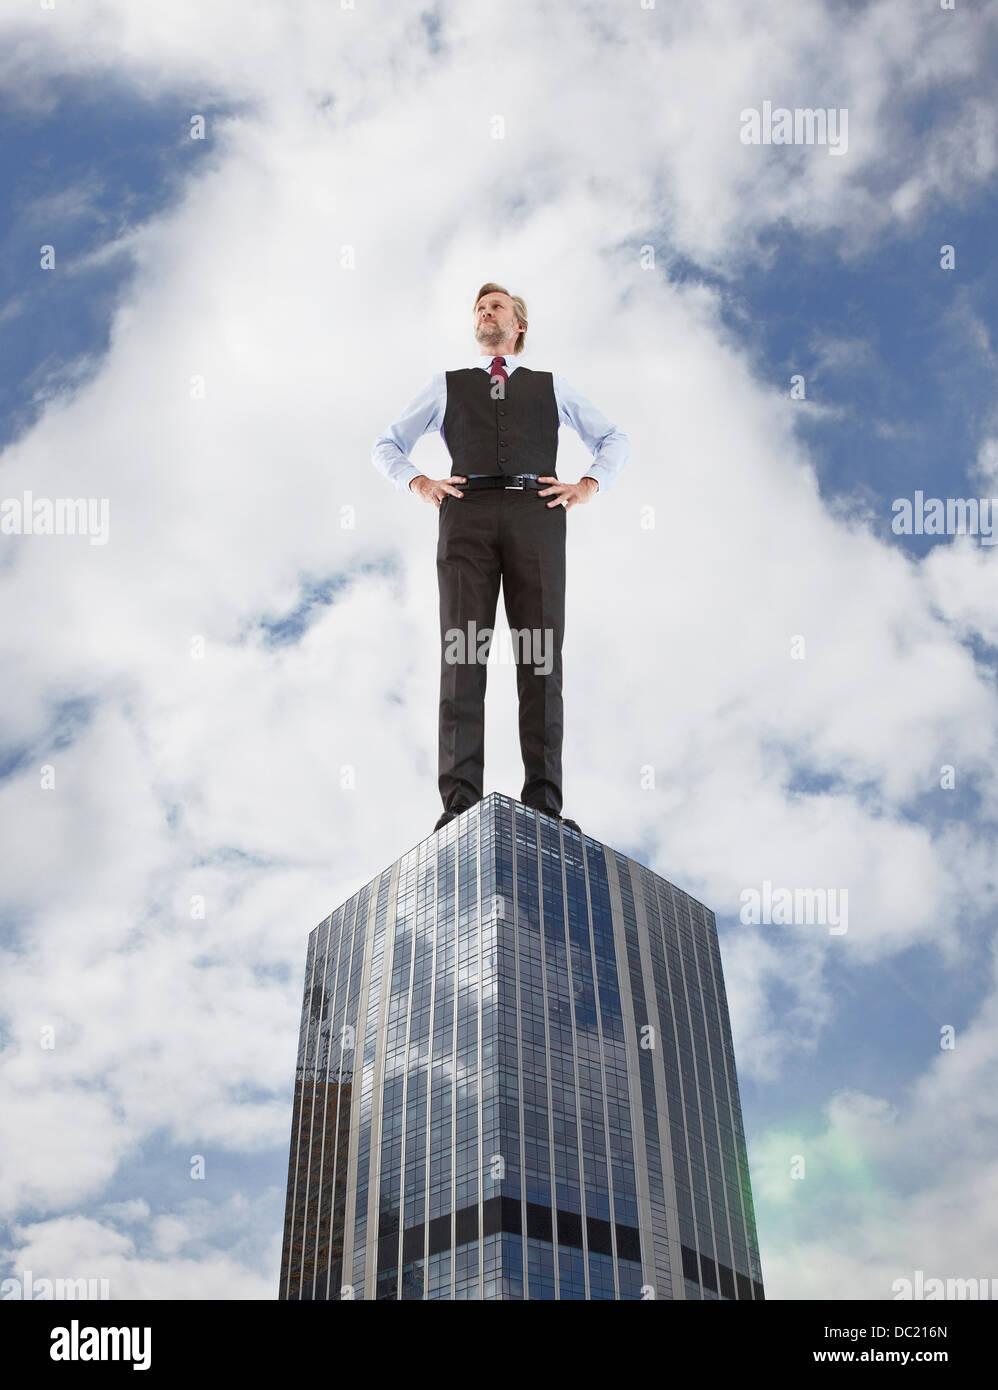 Imprenditore sovradimensionato in piedi sul grattacielo a basso angolo di visione Immagini Stock